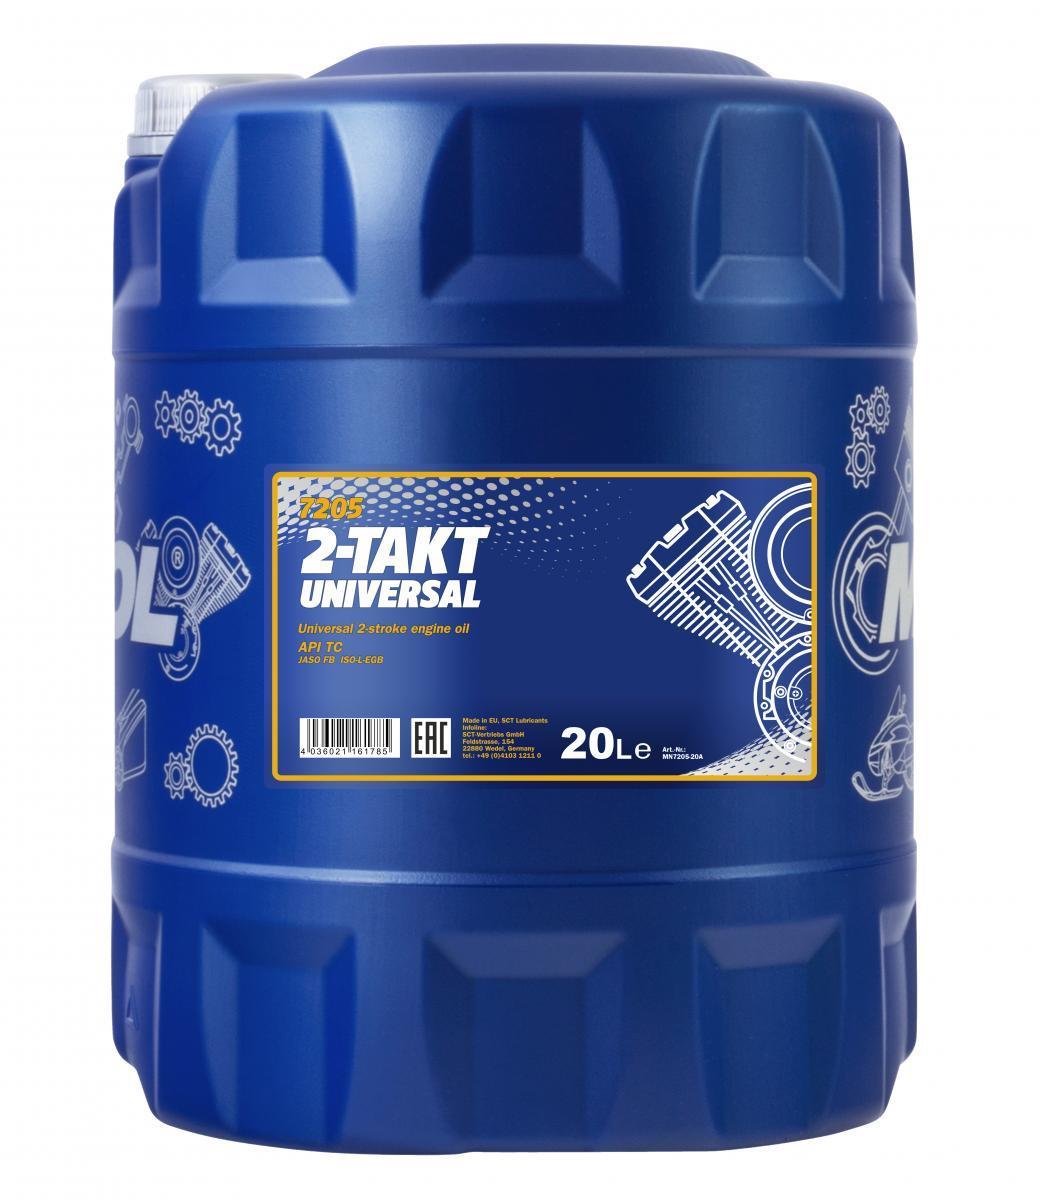 Motoröl MN7205-20 Niedrige Preise - Jetzt kaufen!